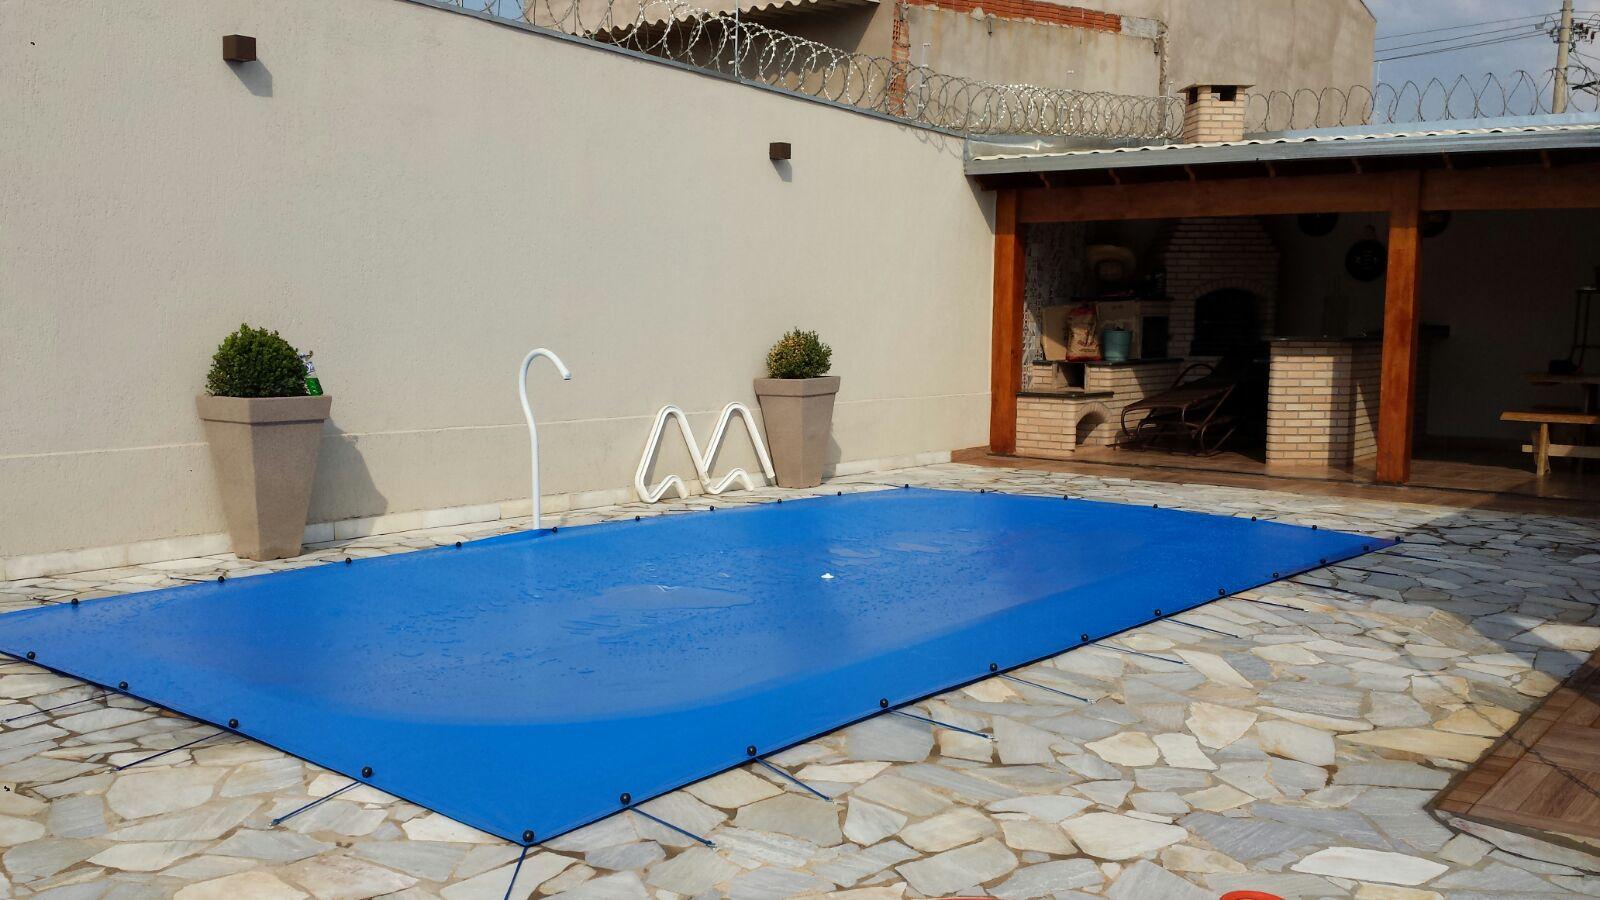 Capa para Piscina SL 500 Azul Completa com Acessórios Pinos e Extensores 6,5x3,5 m